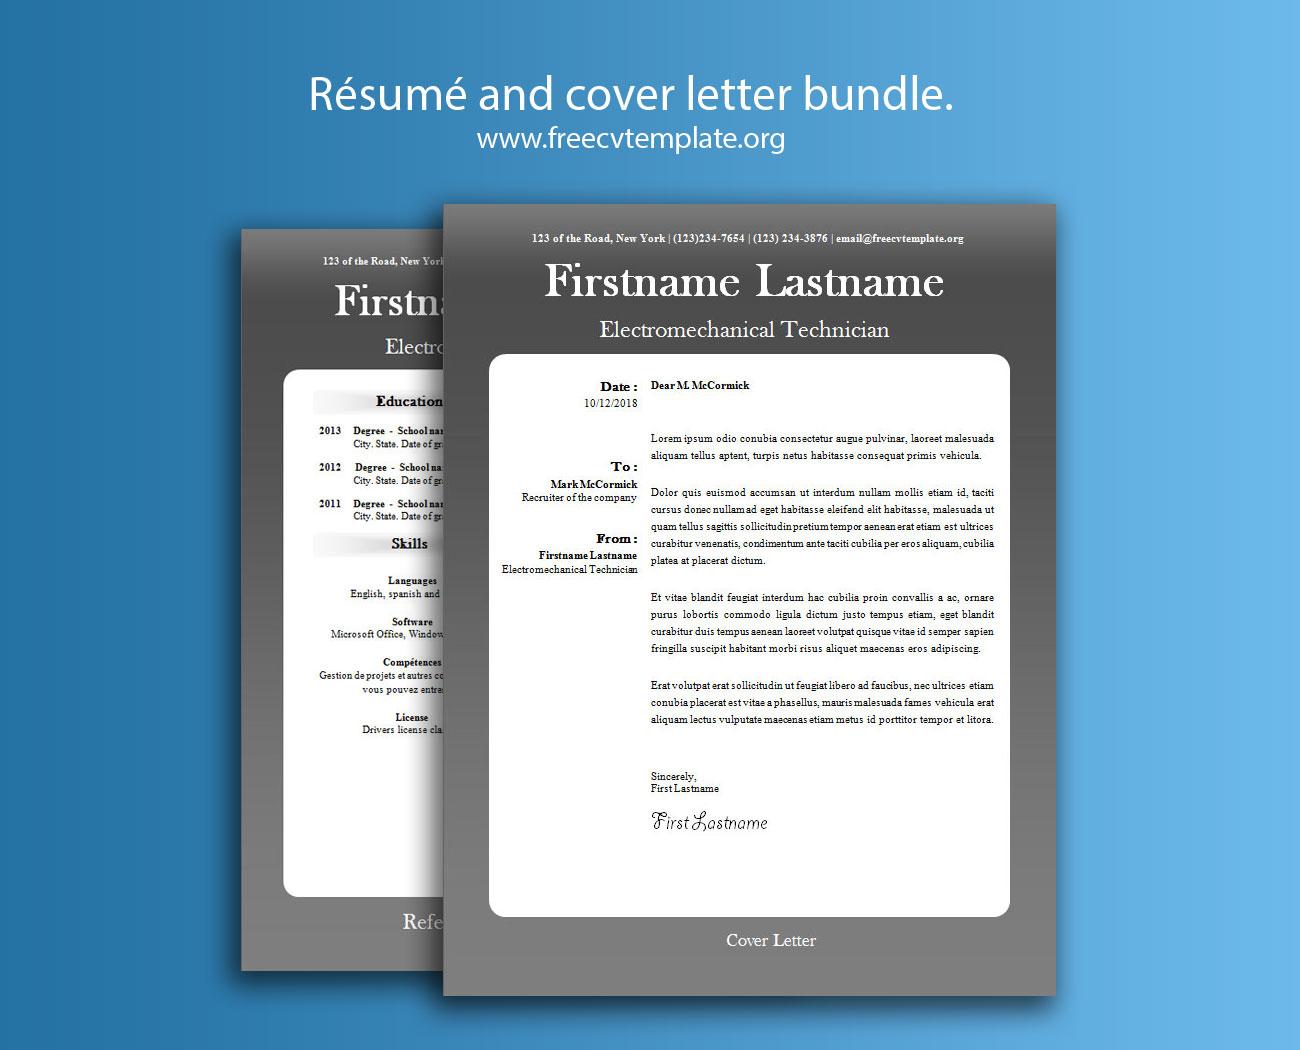 Résumé and Cover Letter Bundle #4